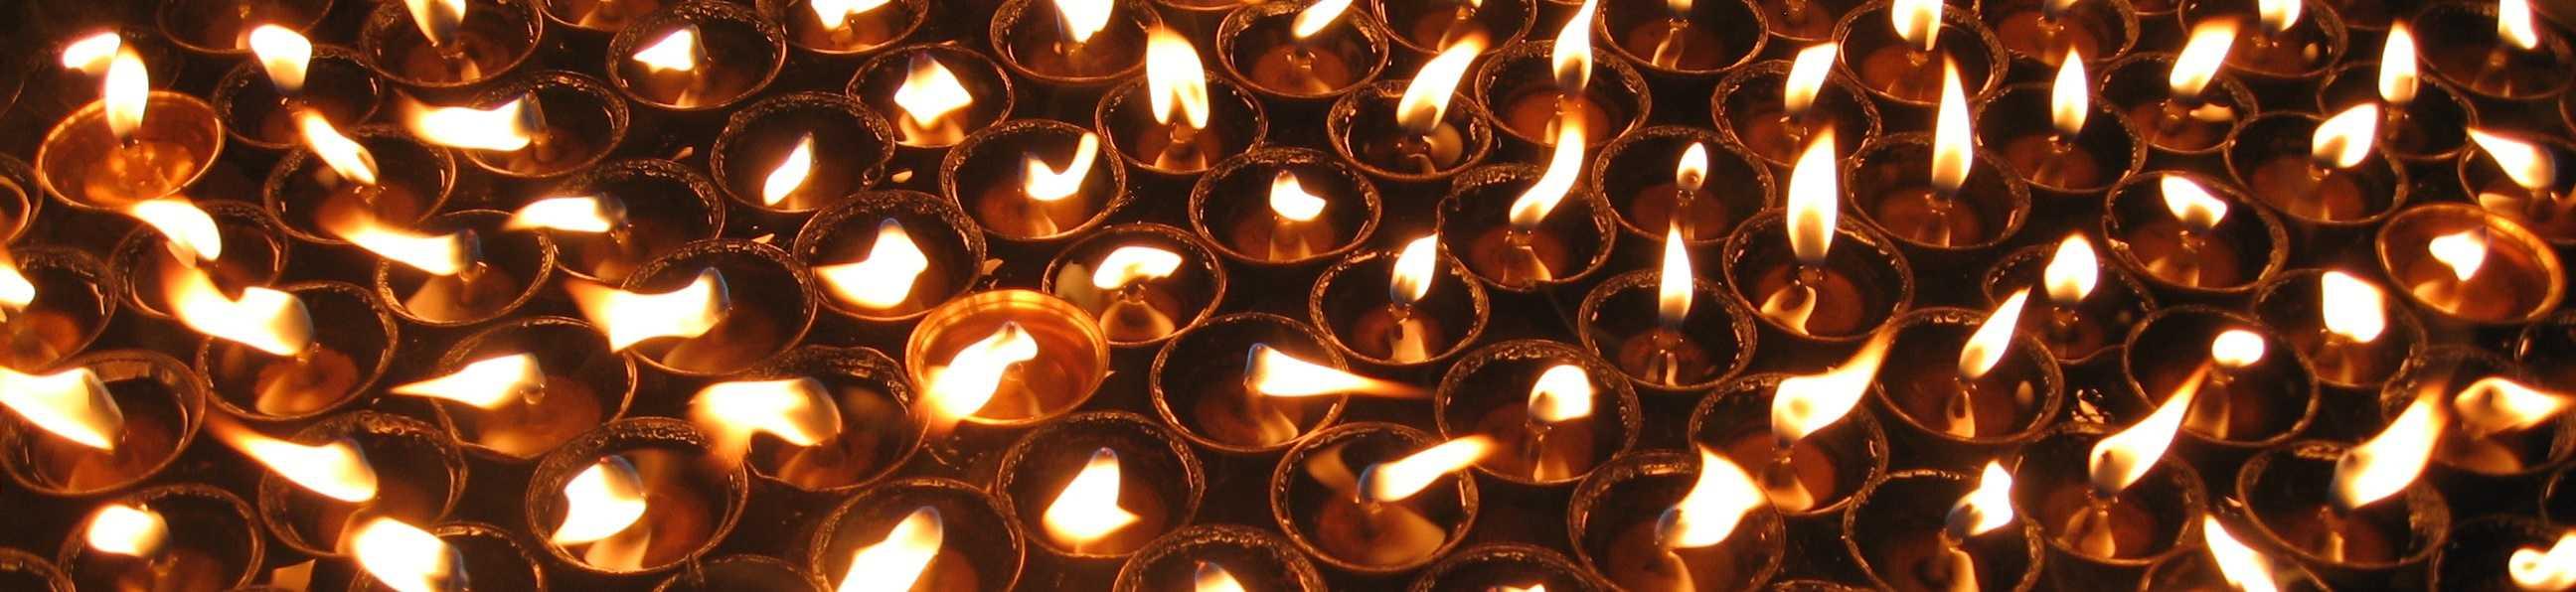 19 nepal autumn 05 050 Kathmandu Boudnath © Ann Foulkes.jpg19 SAS Gokyo Cho La Nov 2010 © Ann Foulkes mju.jpgnepal autumn 05 050 - Copy